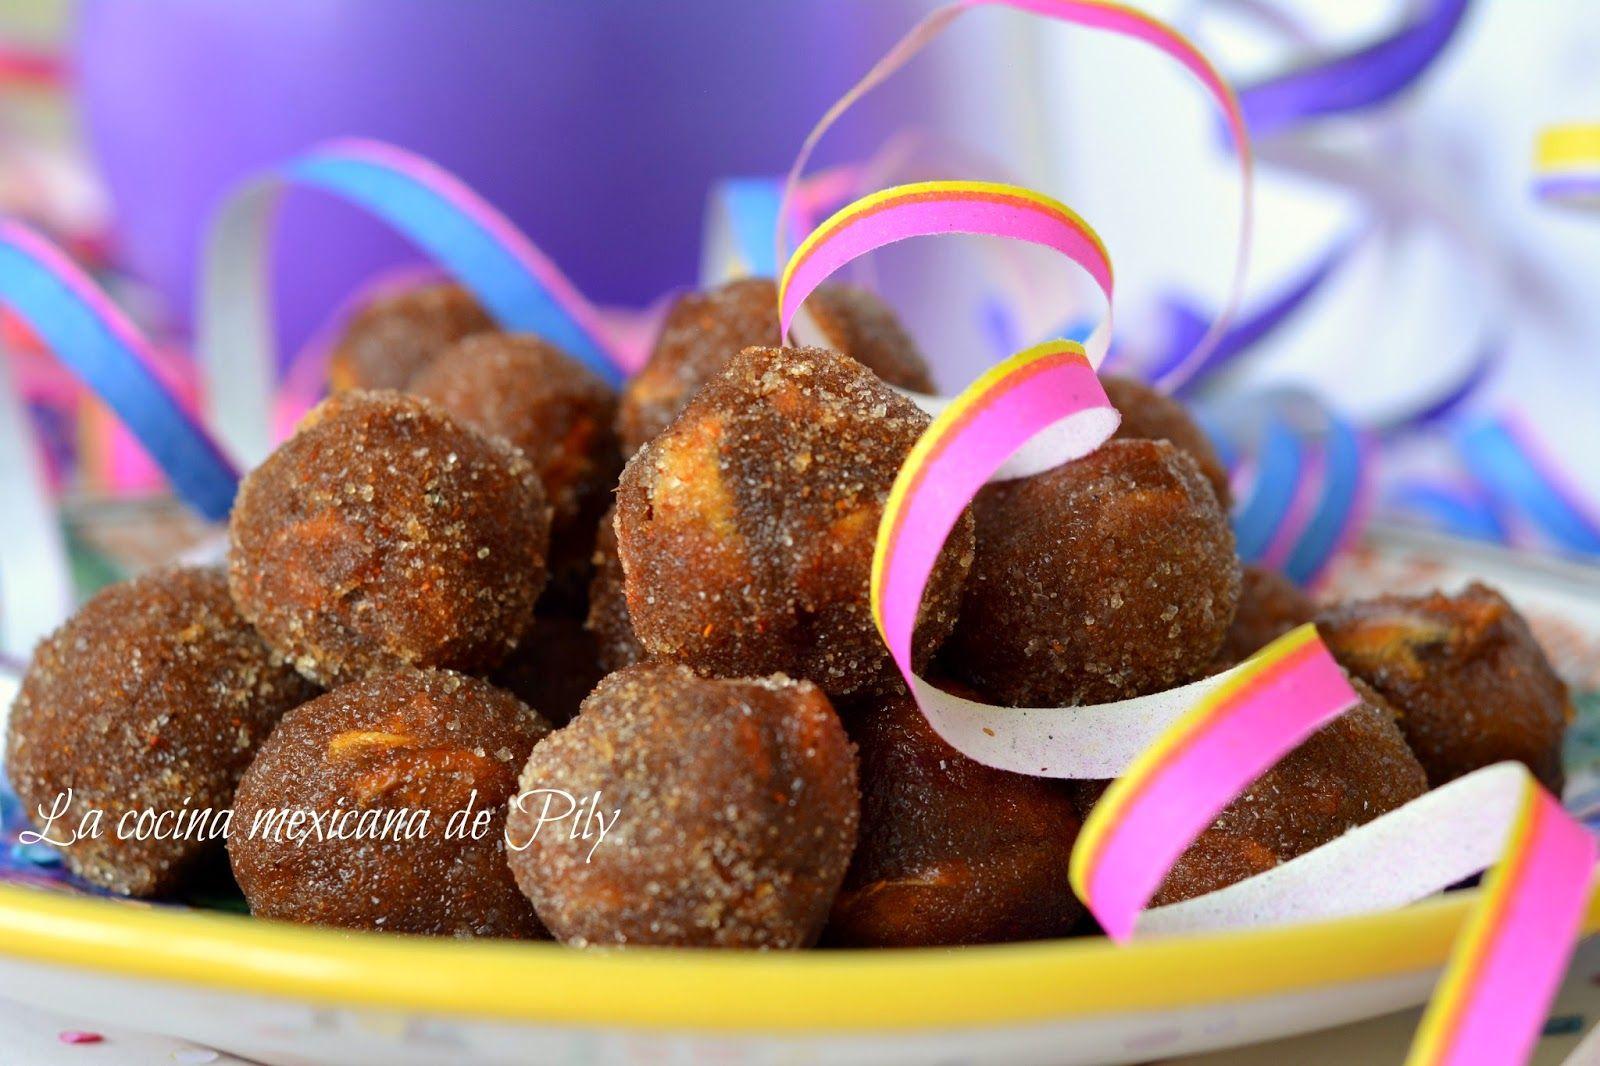 La cocina mexicana de Pily: Bolitas de dulce de tamarindo y ¡Feliz día del Niño!